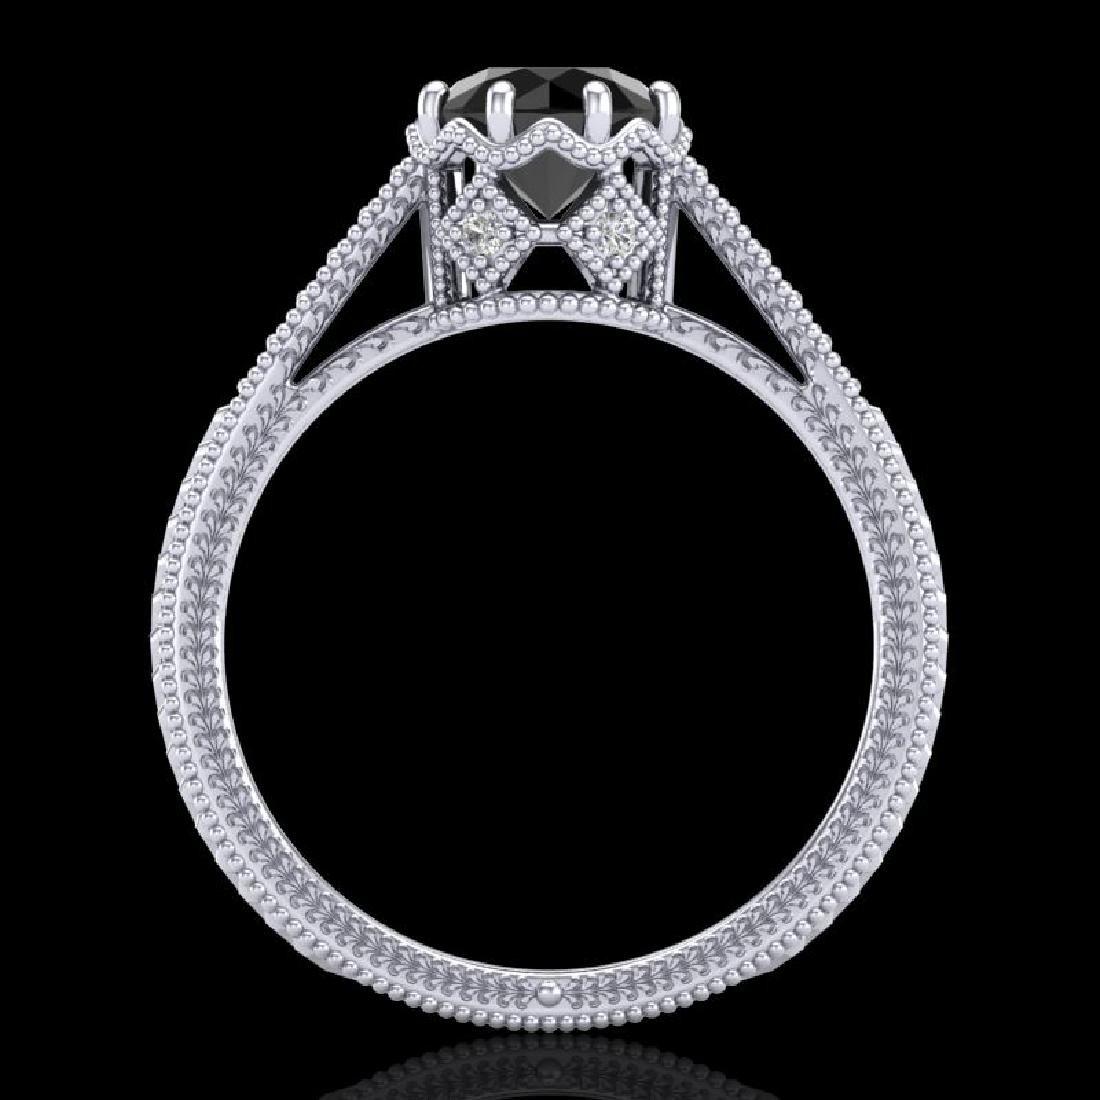 1.25 CTW Fancy Black Diamond Solitaire Engagement Art - 2